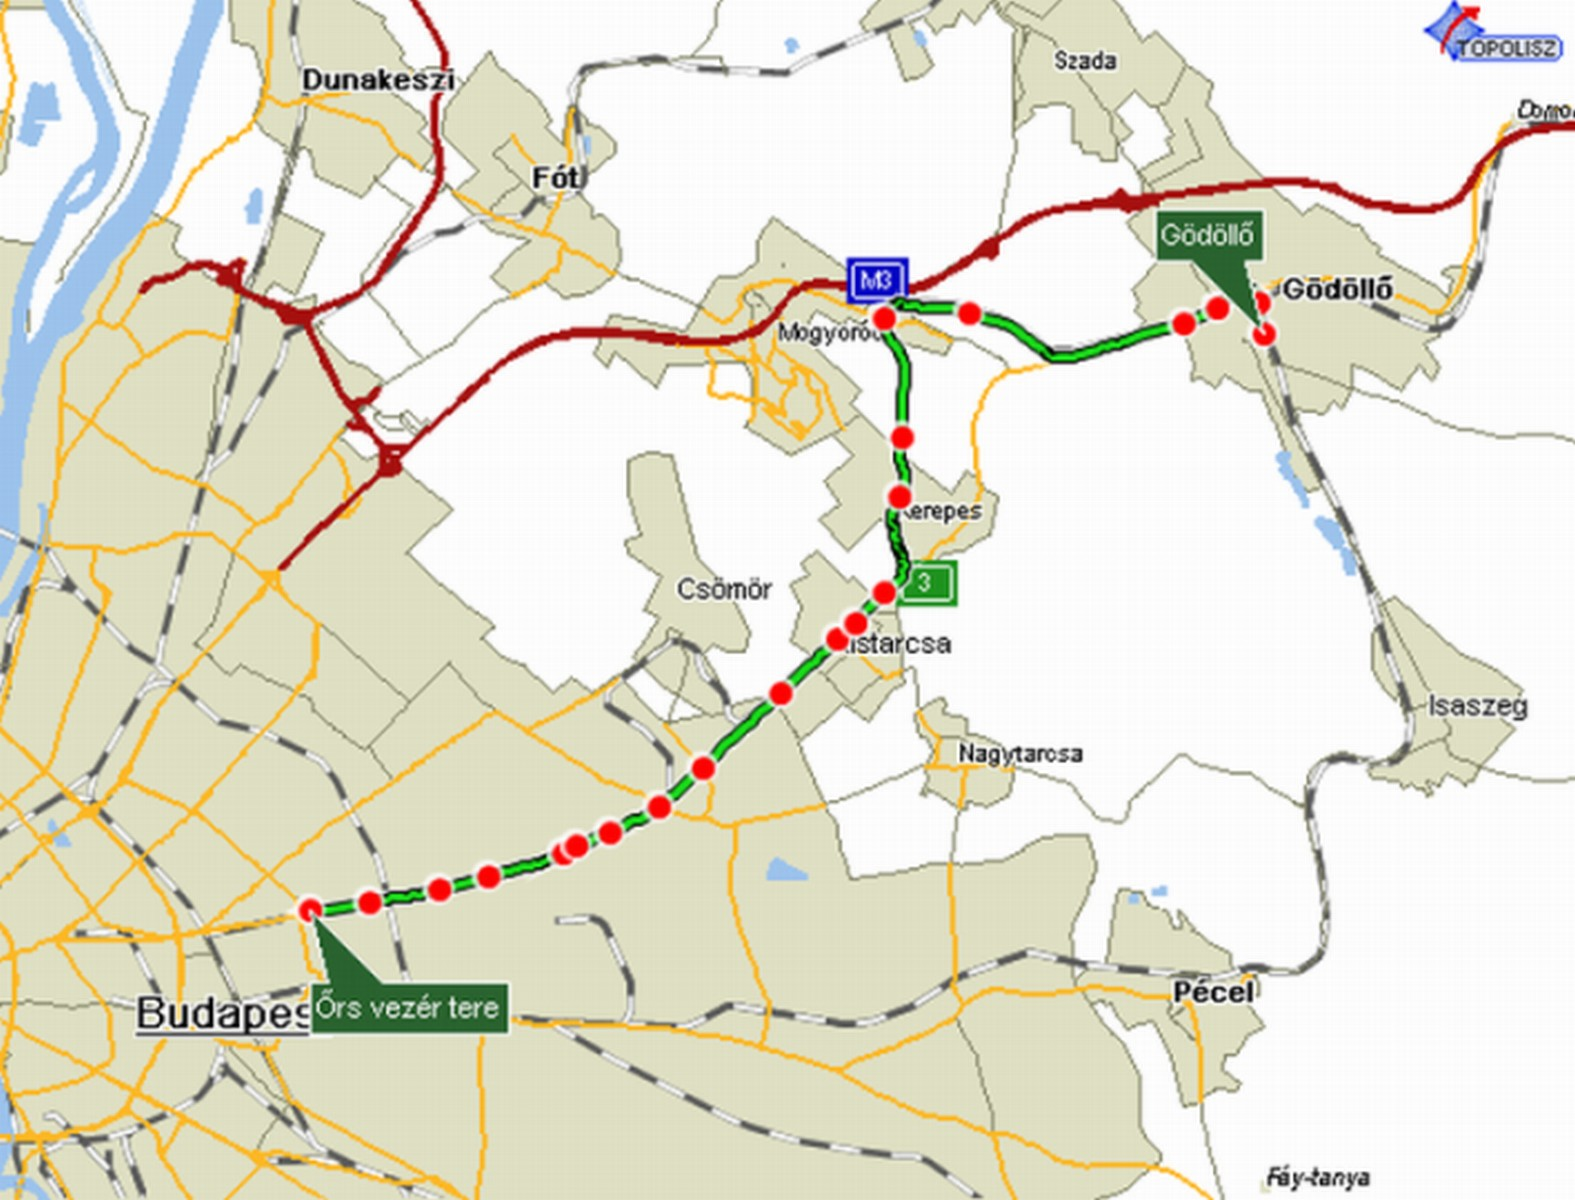 budapest térkép metróvonalakkal Közlekedési földrajz | SuliTudásbázis budapest térkép metróvonalakkal